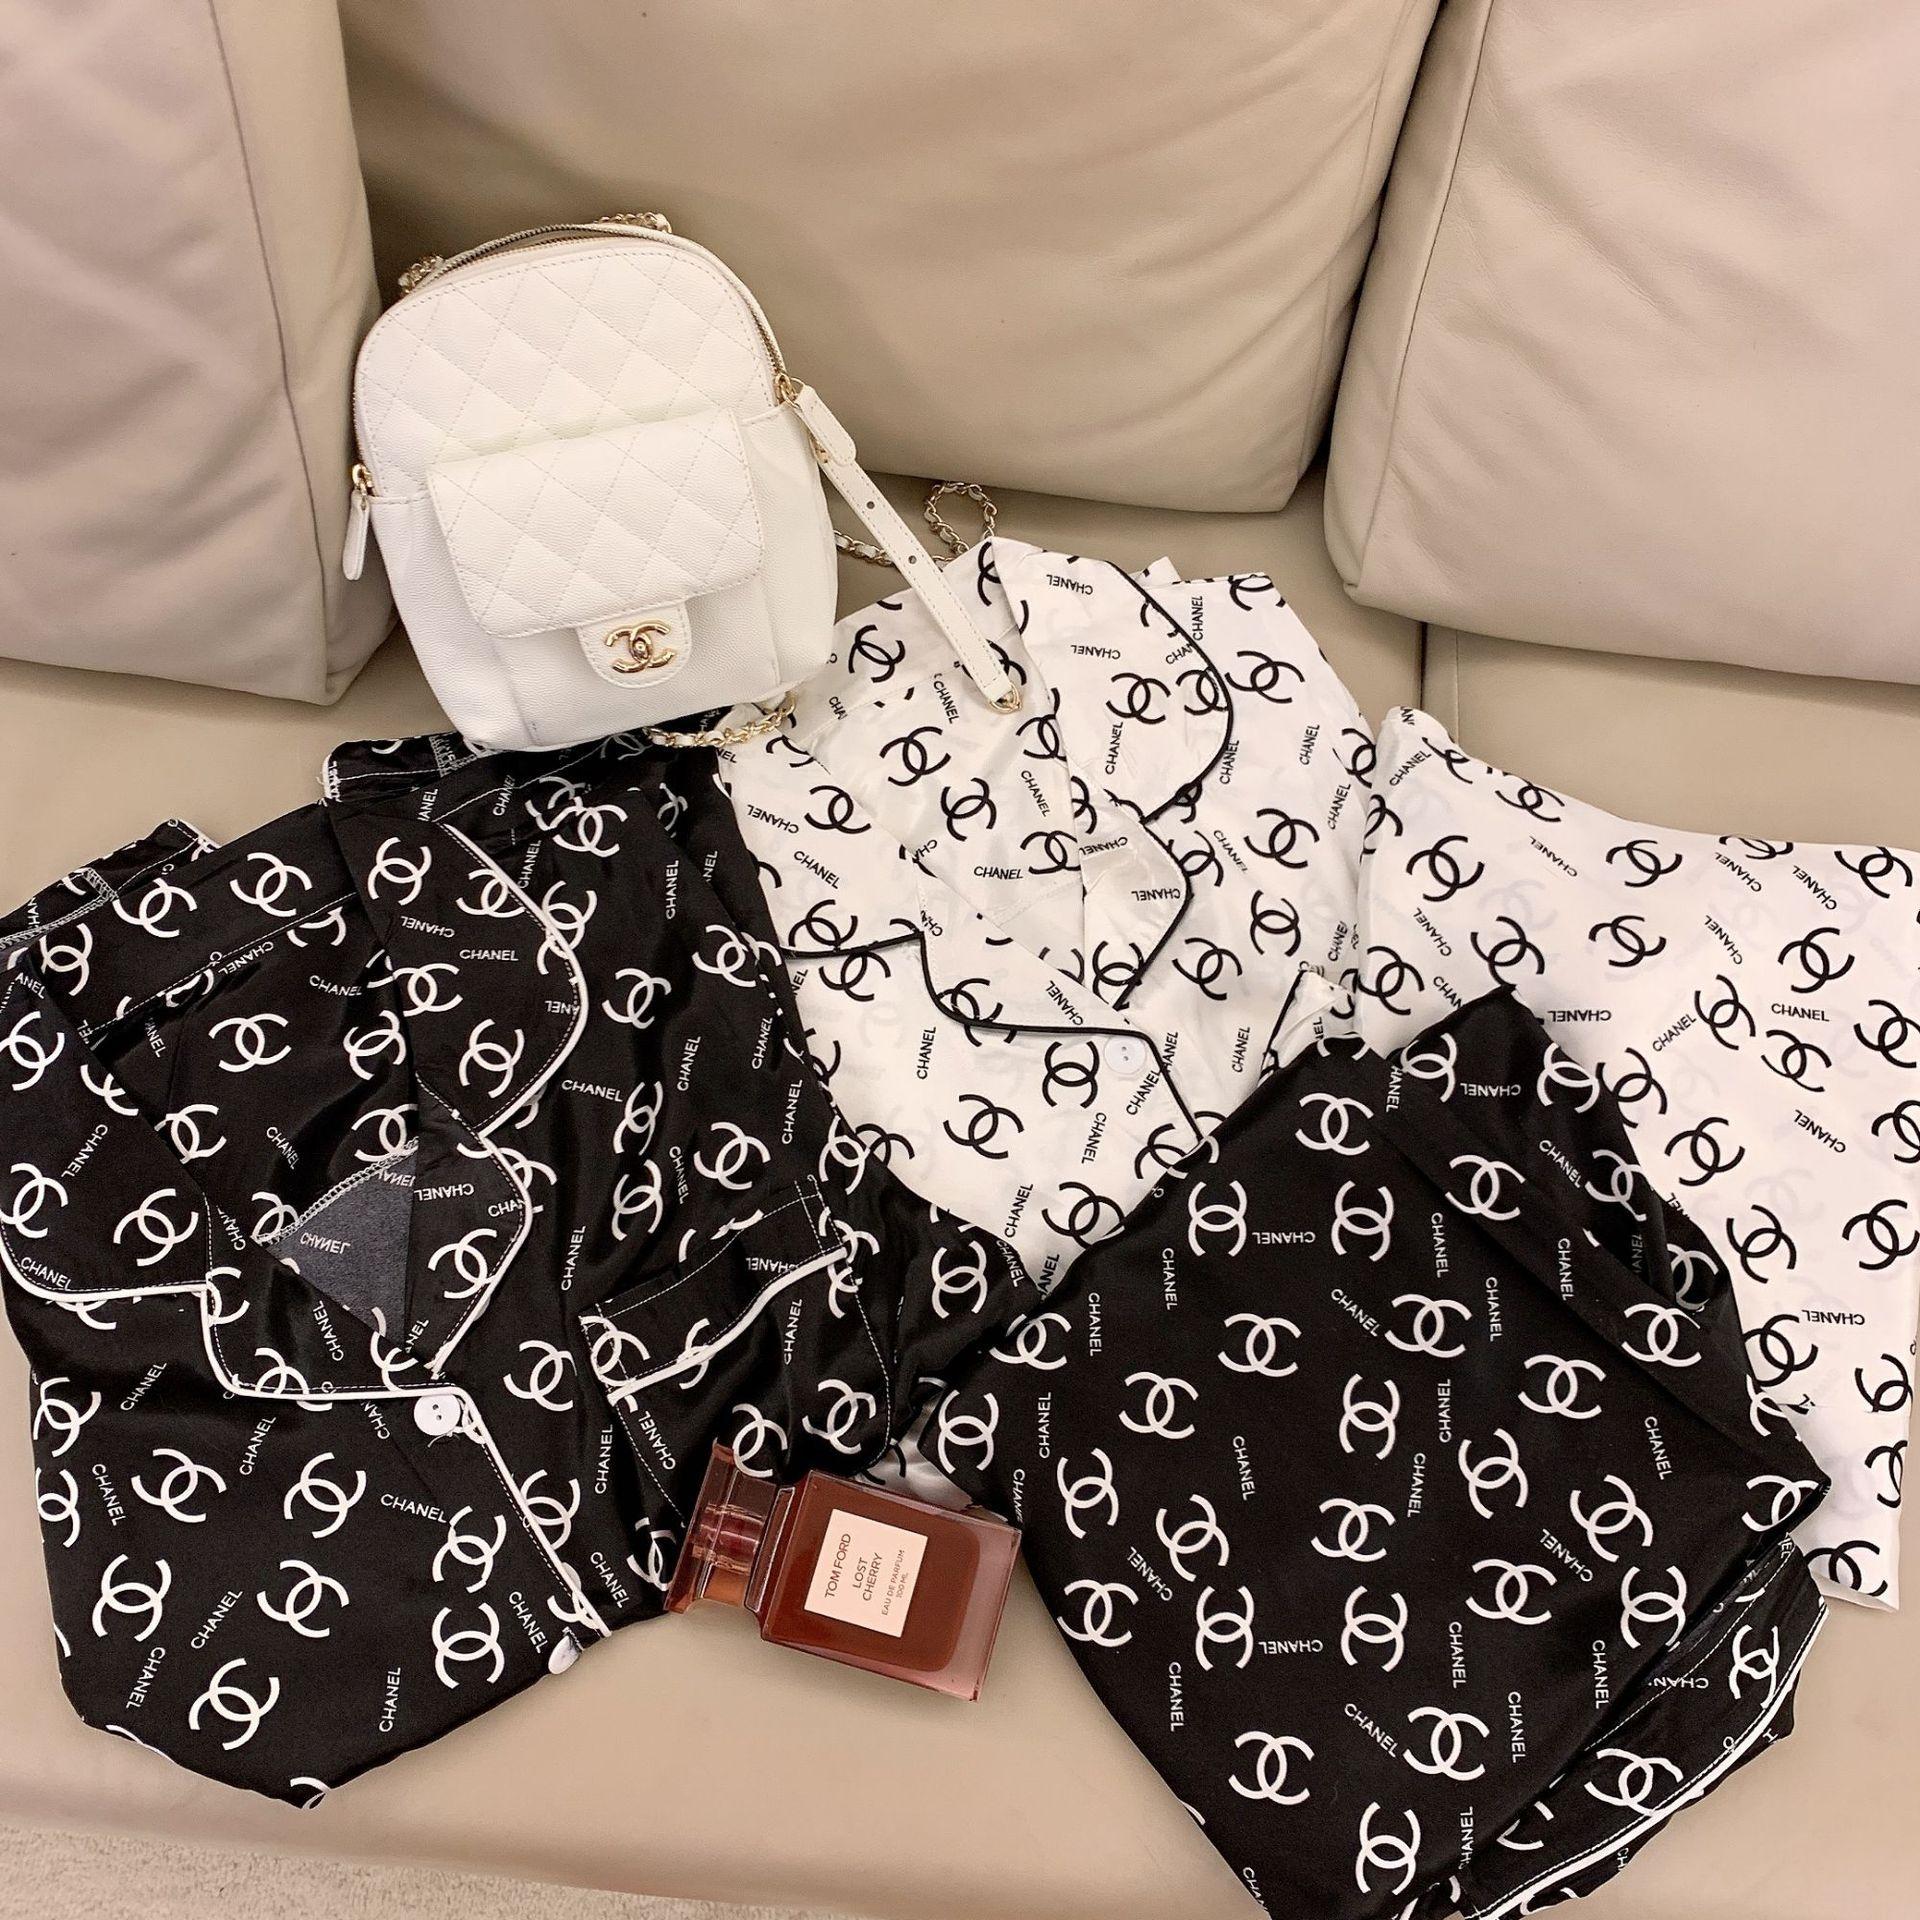 S8U4e été pyjama à manches courtes lettre pantalon imprimé vêtements de soie de revers des vêtements à la maison Pantyhose mode de soie glacée molle femmes costume Accueil